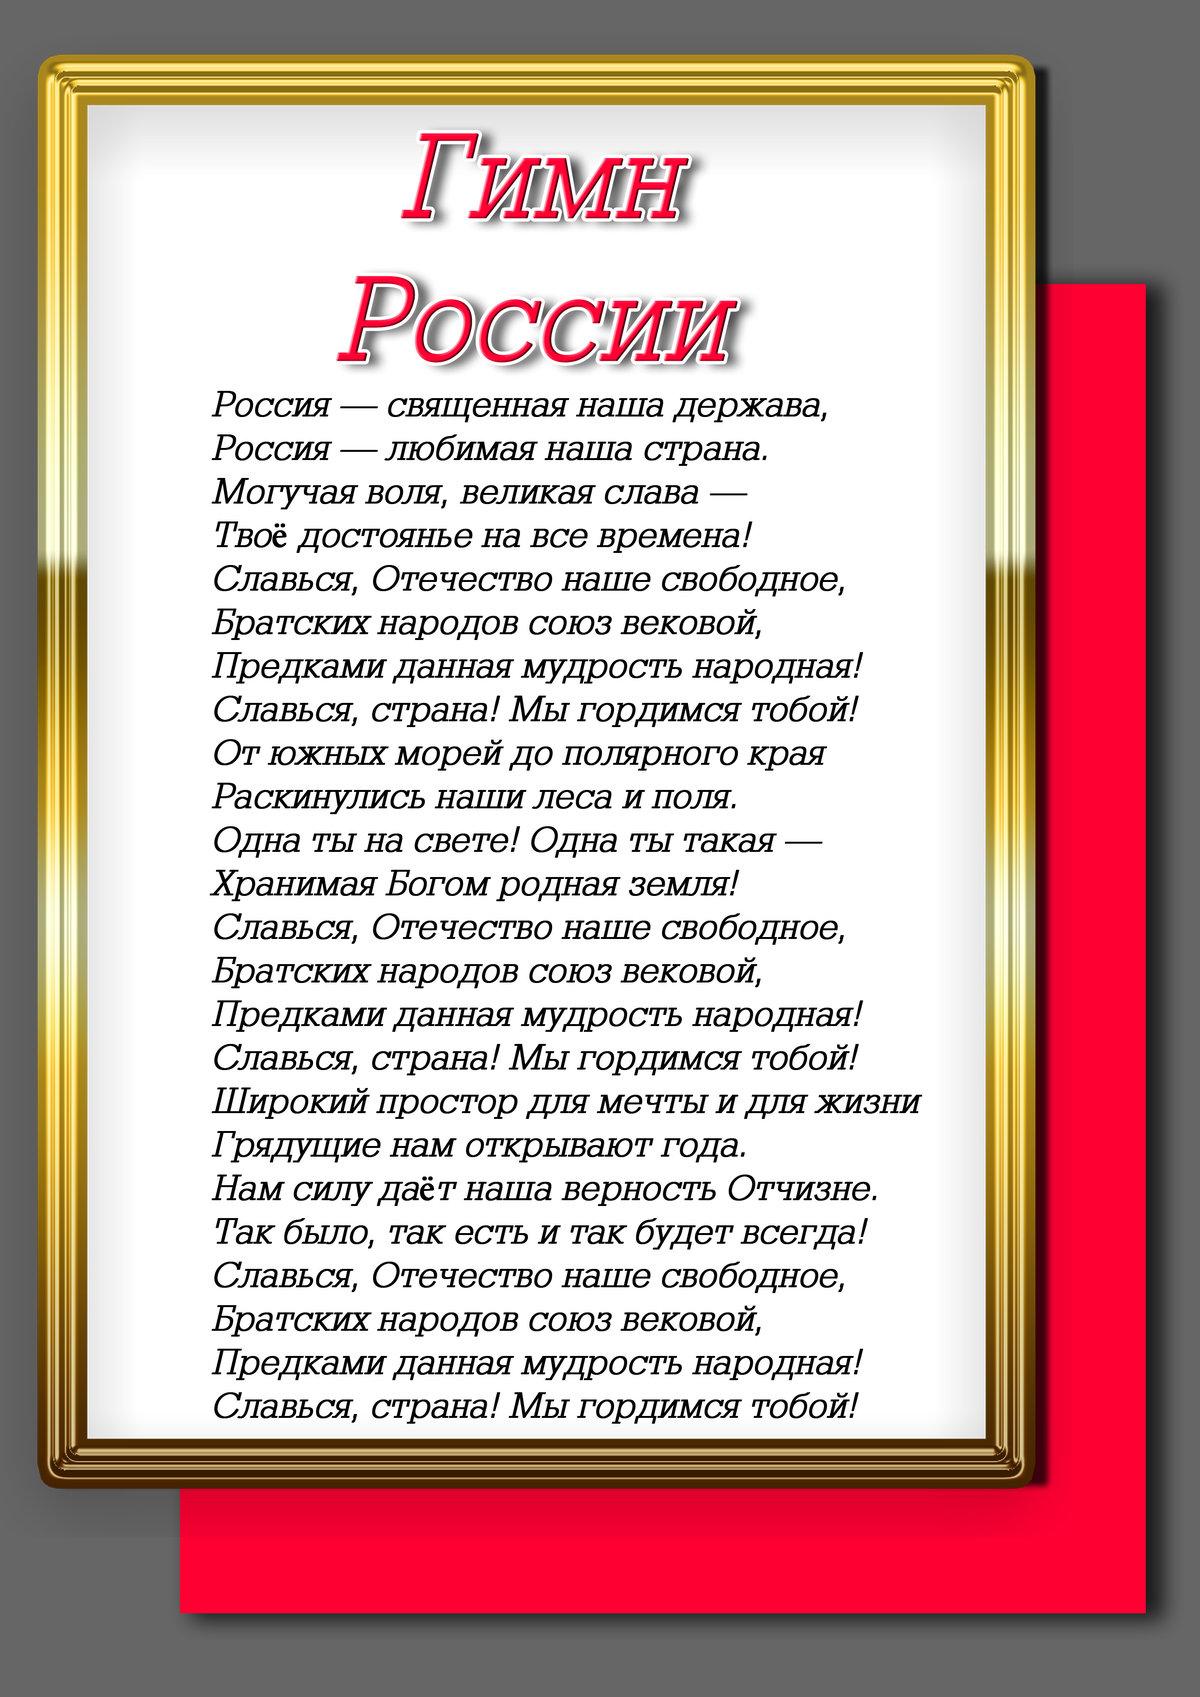 Гимн россии картинки, картинки